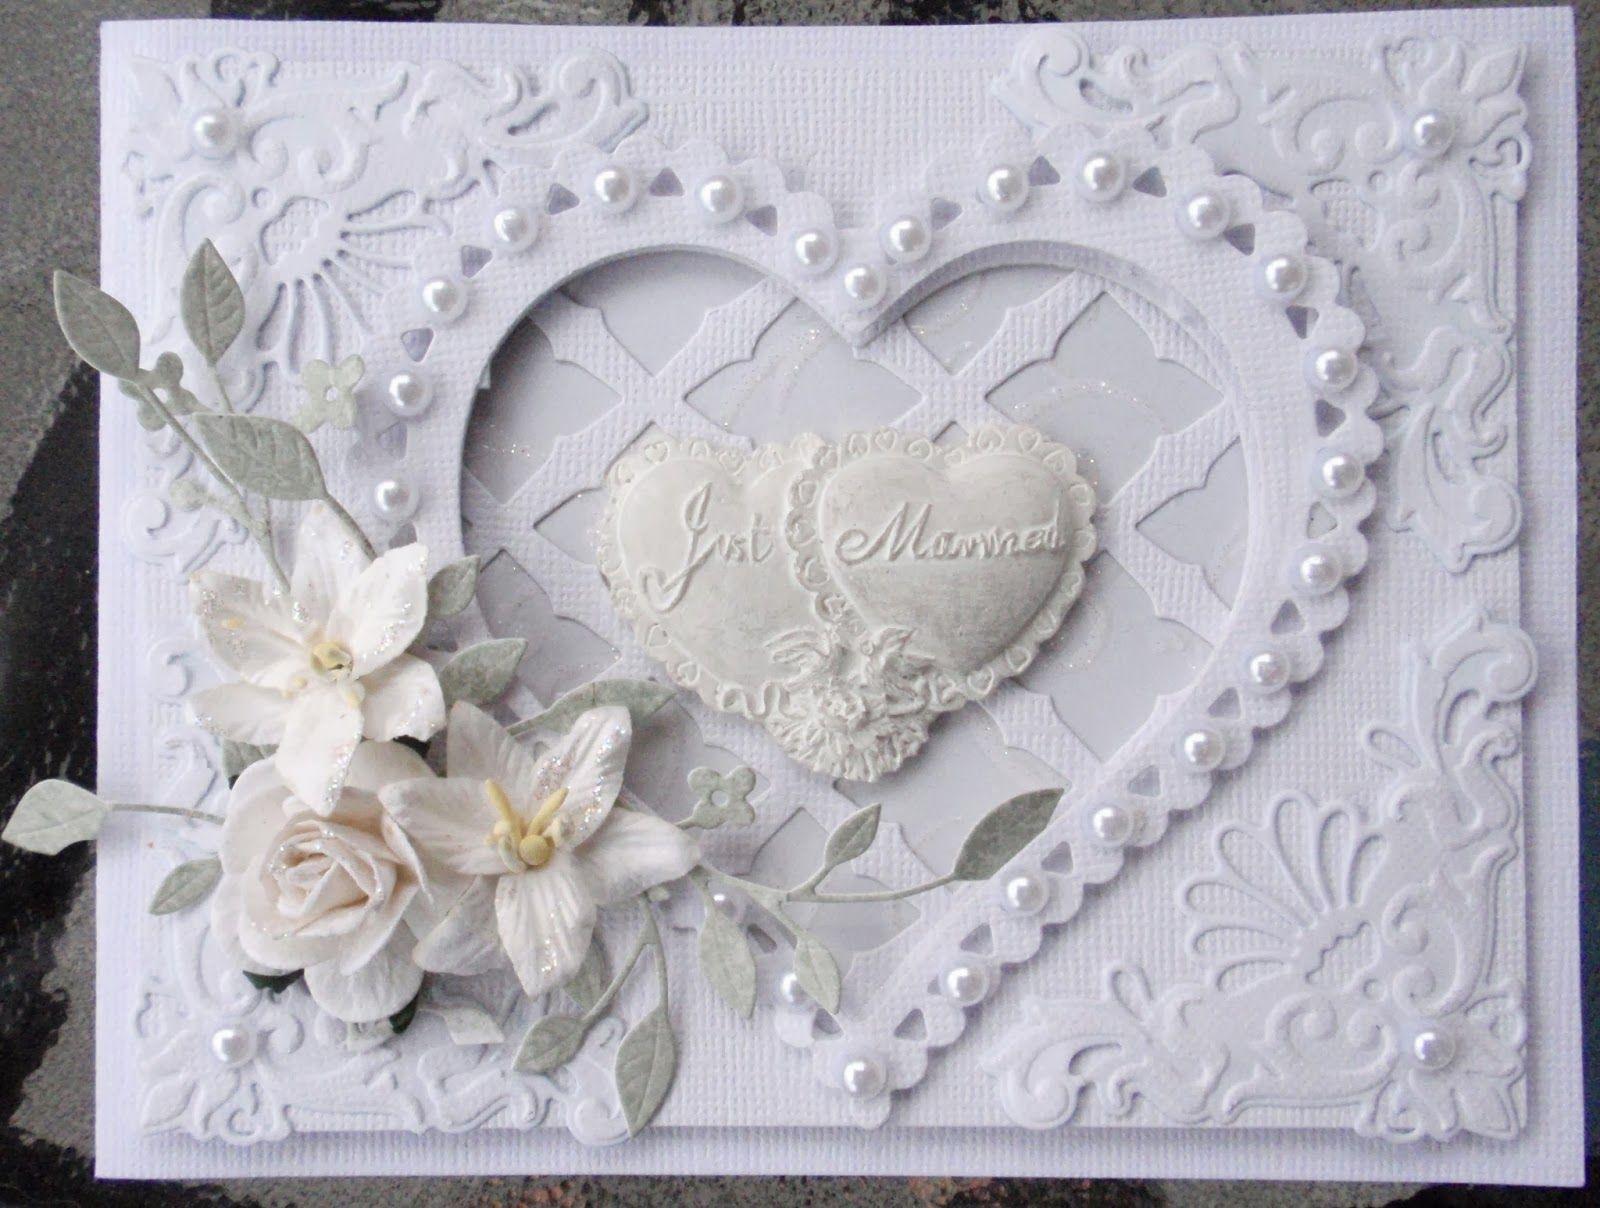 Lenas vackra bröllopskort